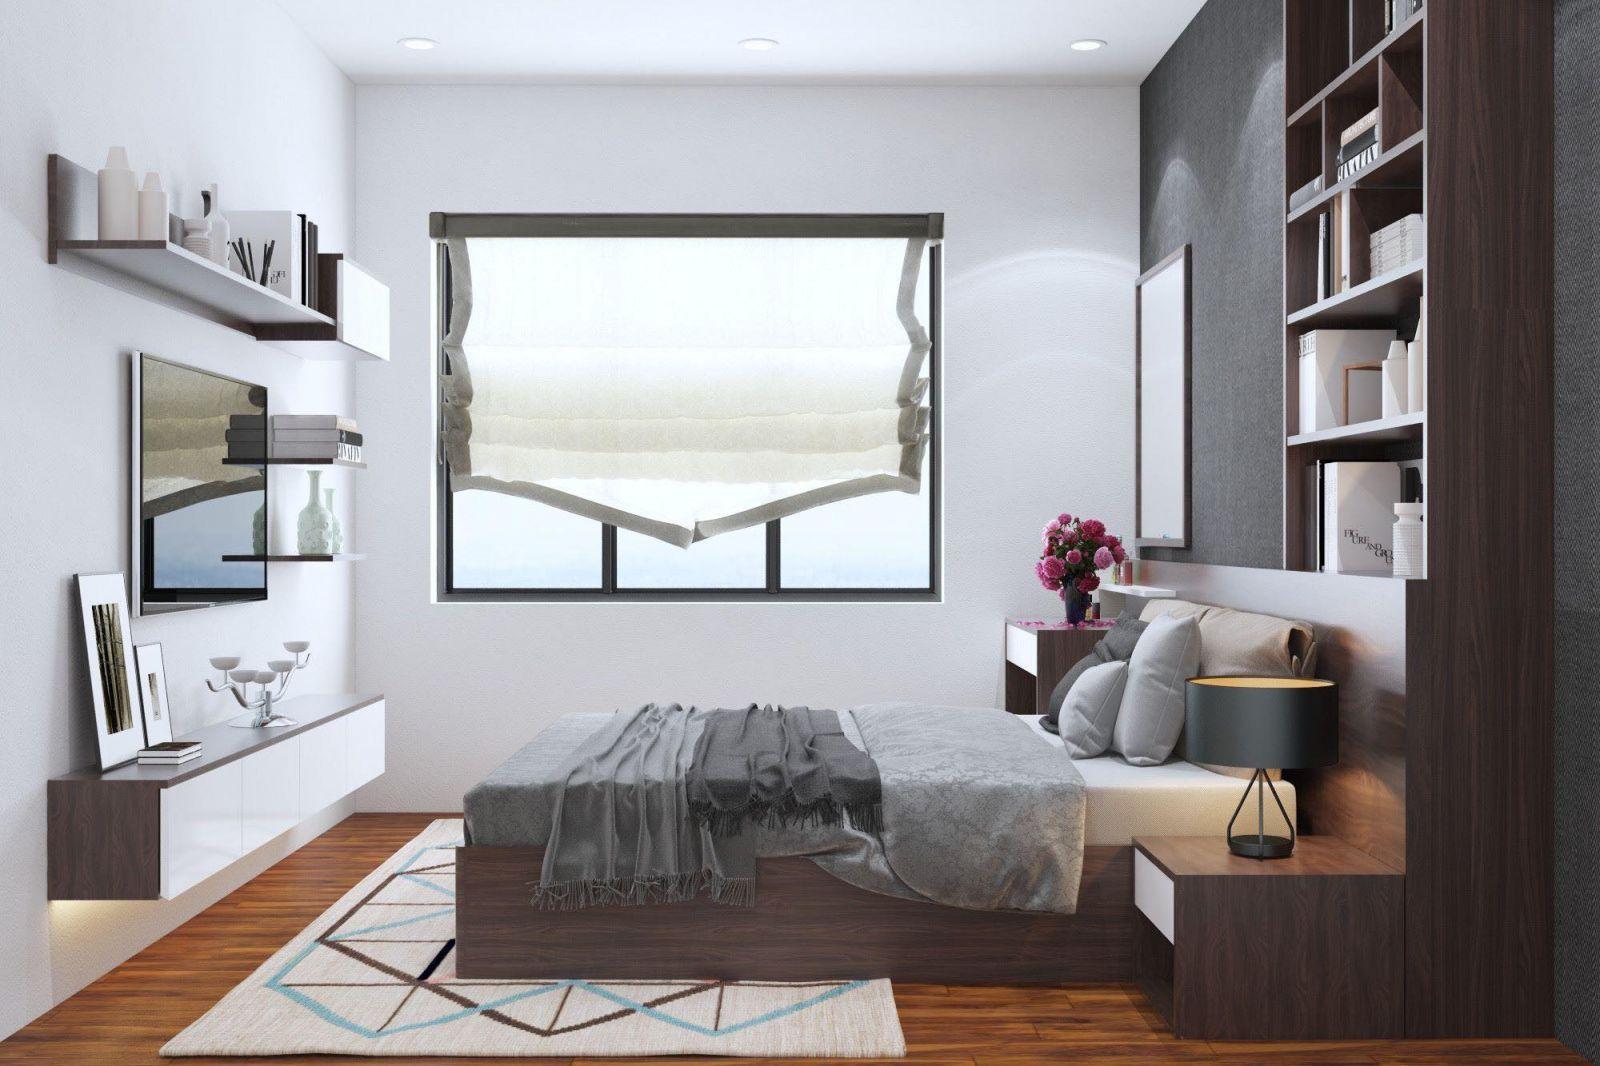 Phòng ngủ chung cư nhỏ đẹp và hiện đại